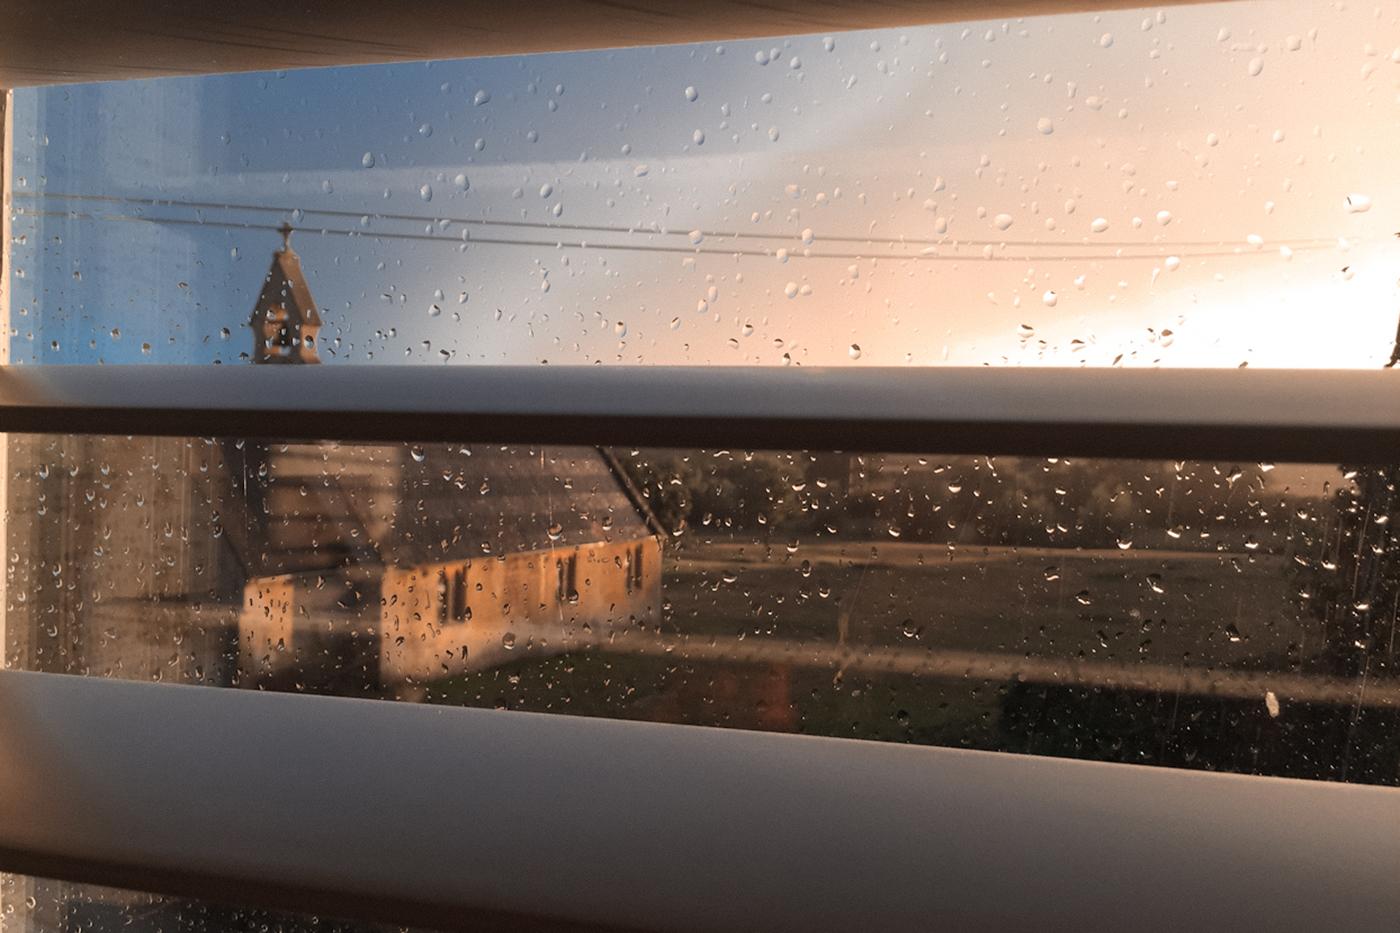 my-wanderlust-notes-viaggio-di-5-giorni-nella-parte-più-romantica-dell-inghilterra-paxford-the-churchill-arms